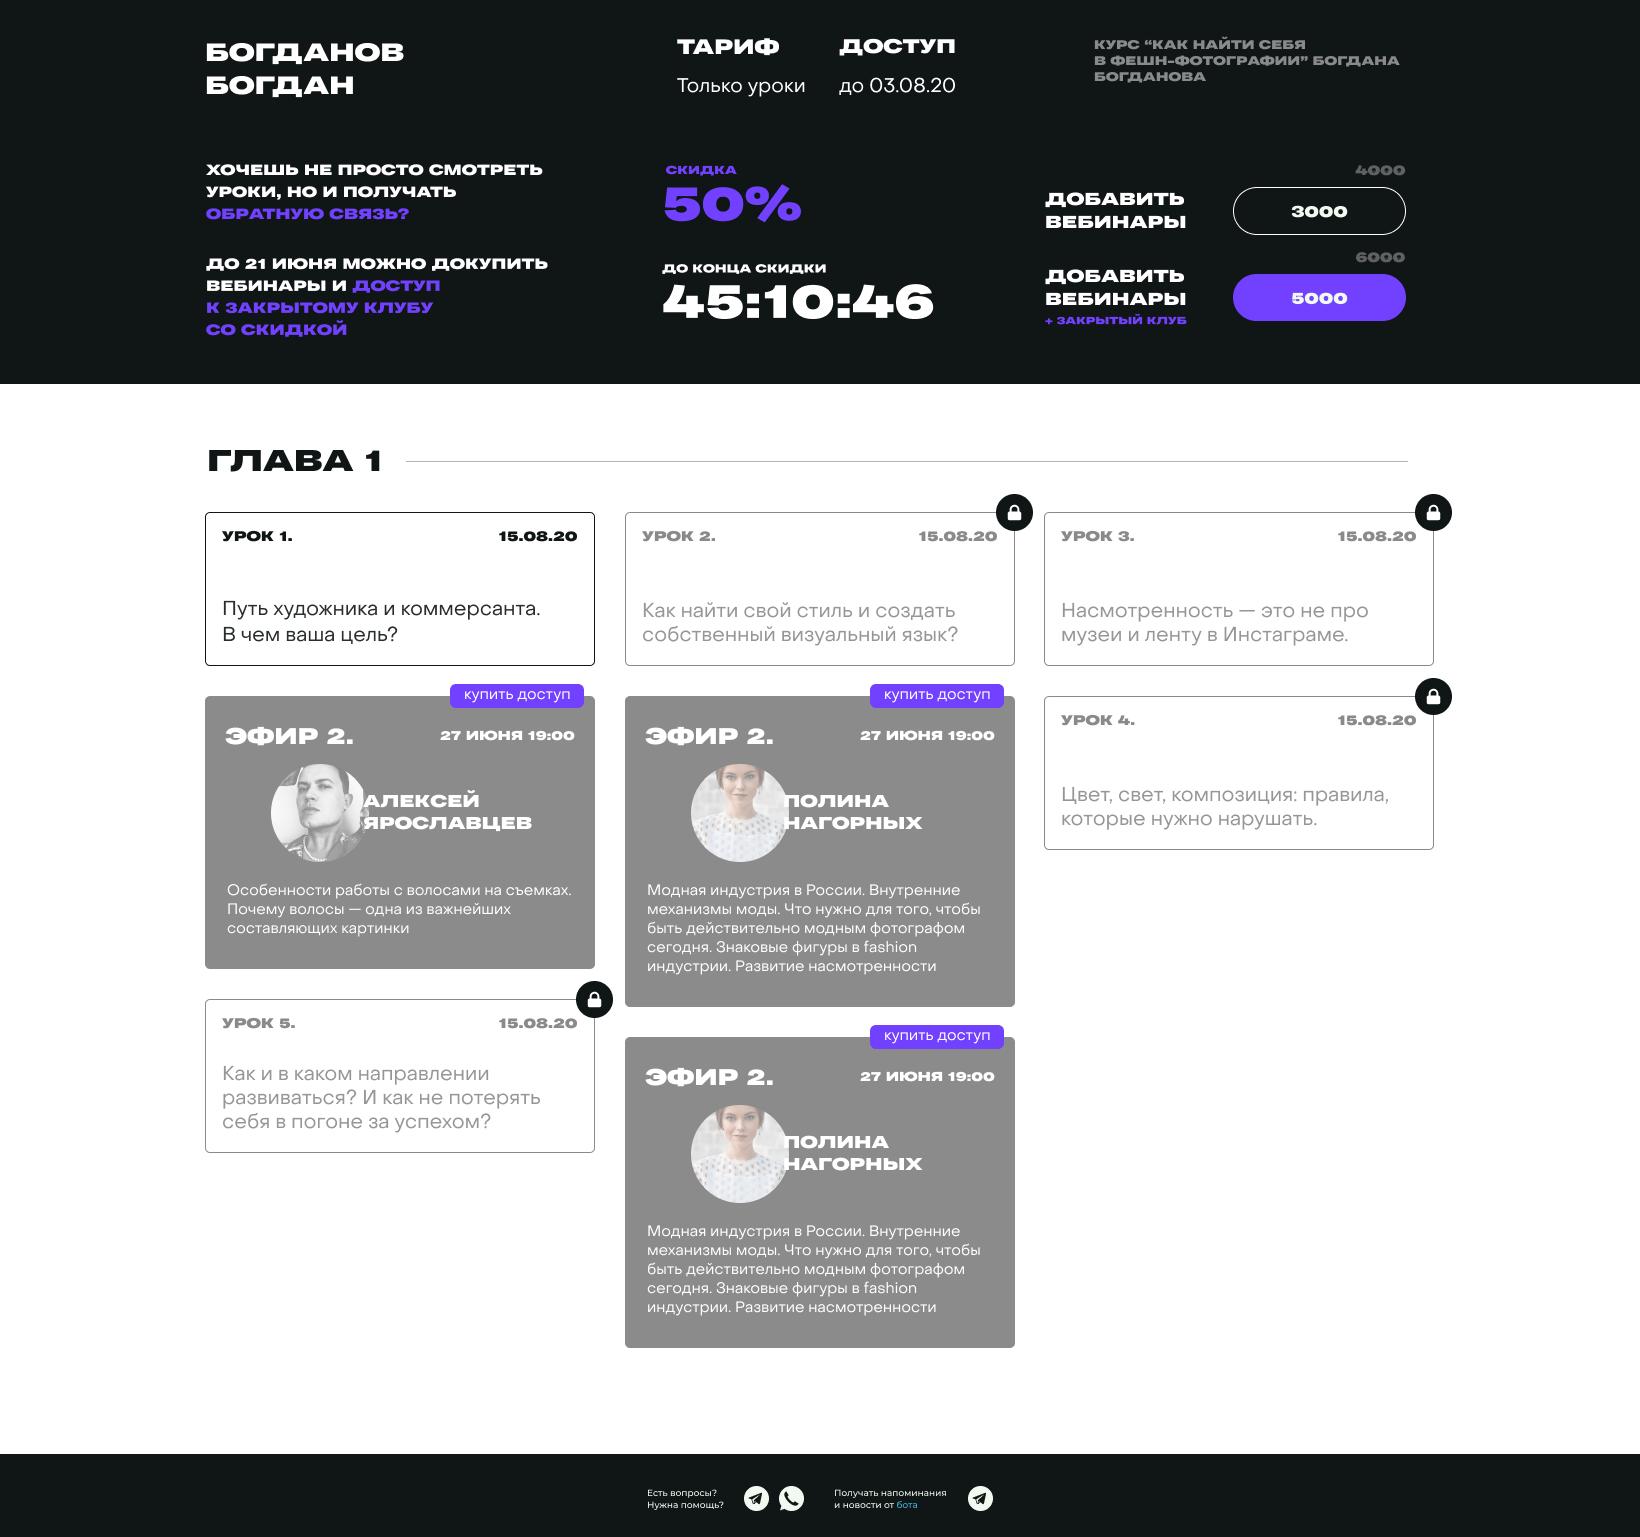 Дизайн личного кабинета для курса Богдана Богданова 15